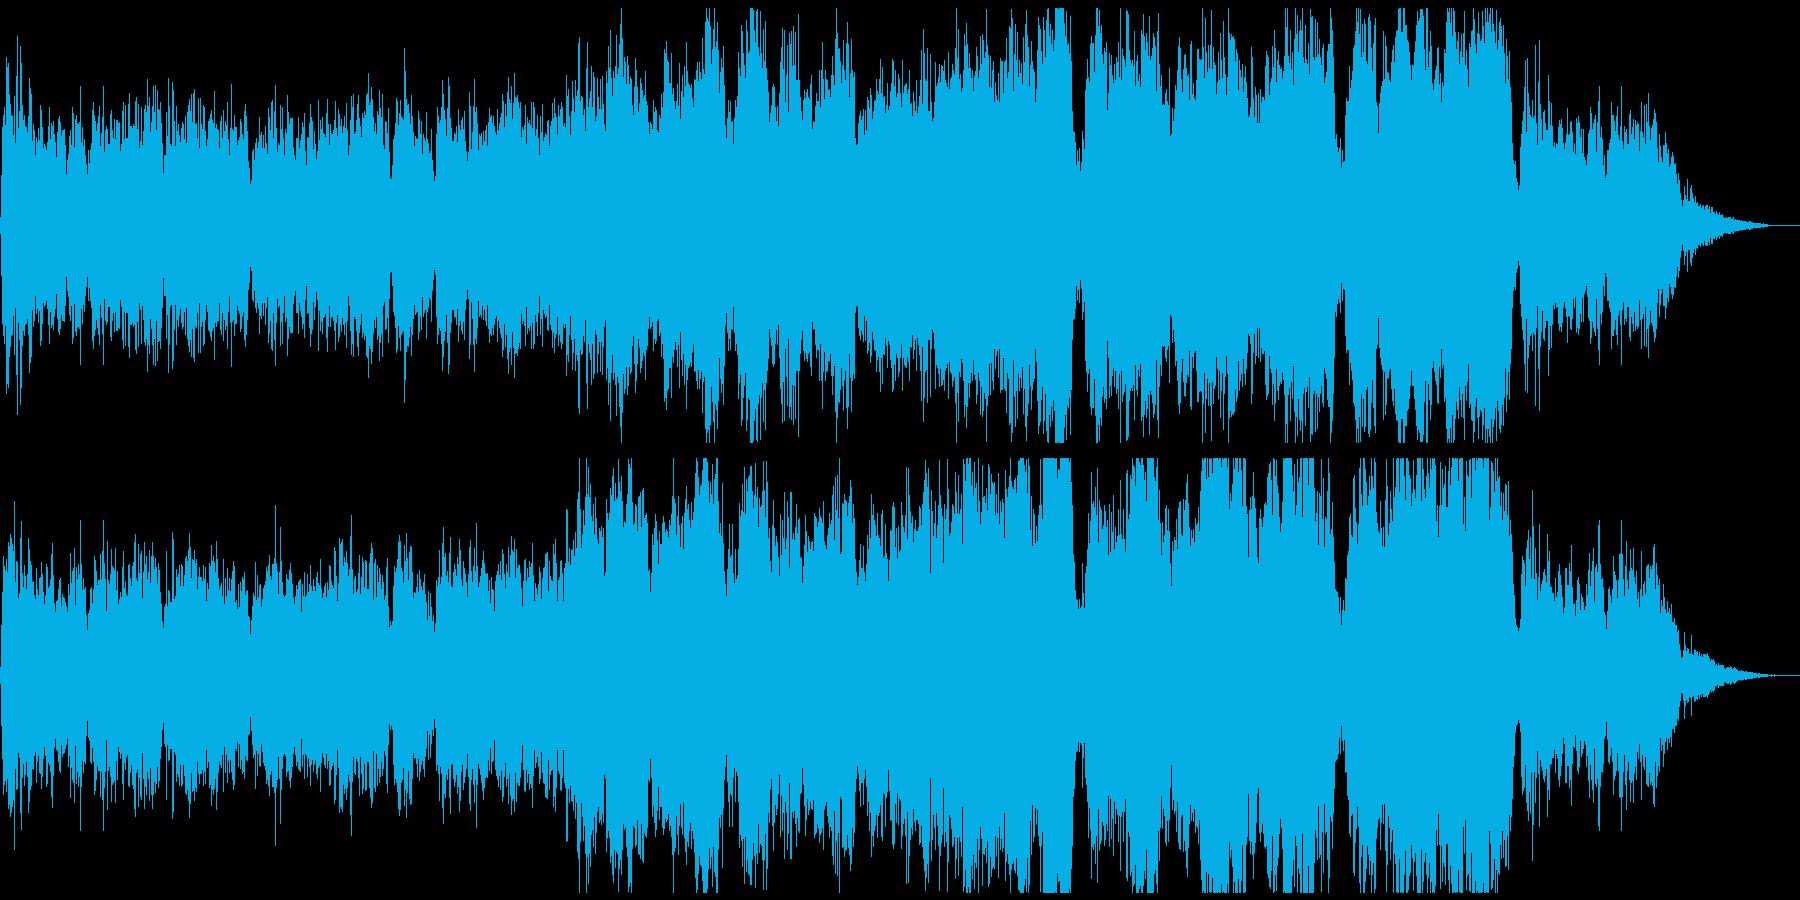 クワイヤを使った祈りをイメージした曲の再生済みの波形